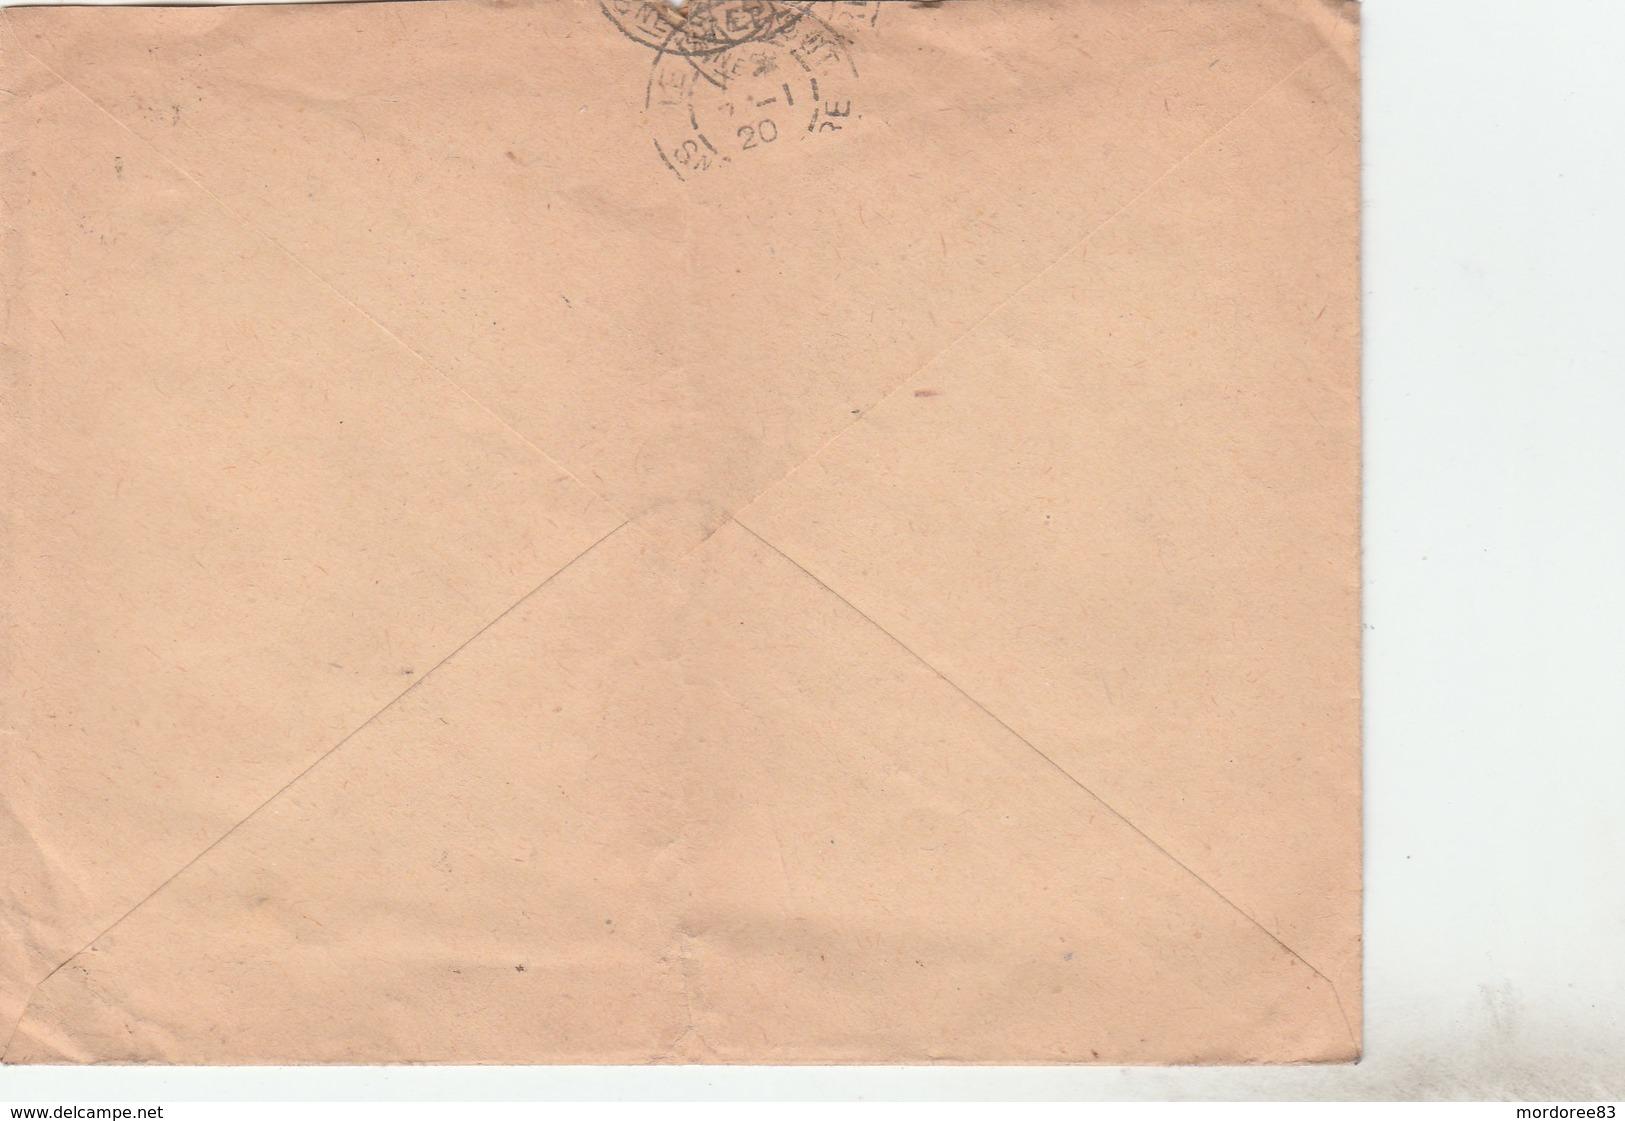 SEMEUSE 15C SUR ENV ILLUSTREE ELEVAGE SAINT MICHEL GOUJON LANGEAIS 5/1/20 POUR LE CREUSOT -                      TDA269A - Marcophilie (Lettres)